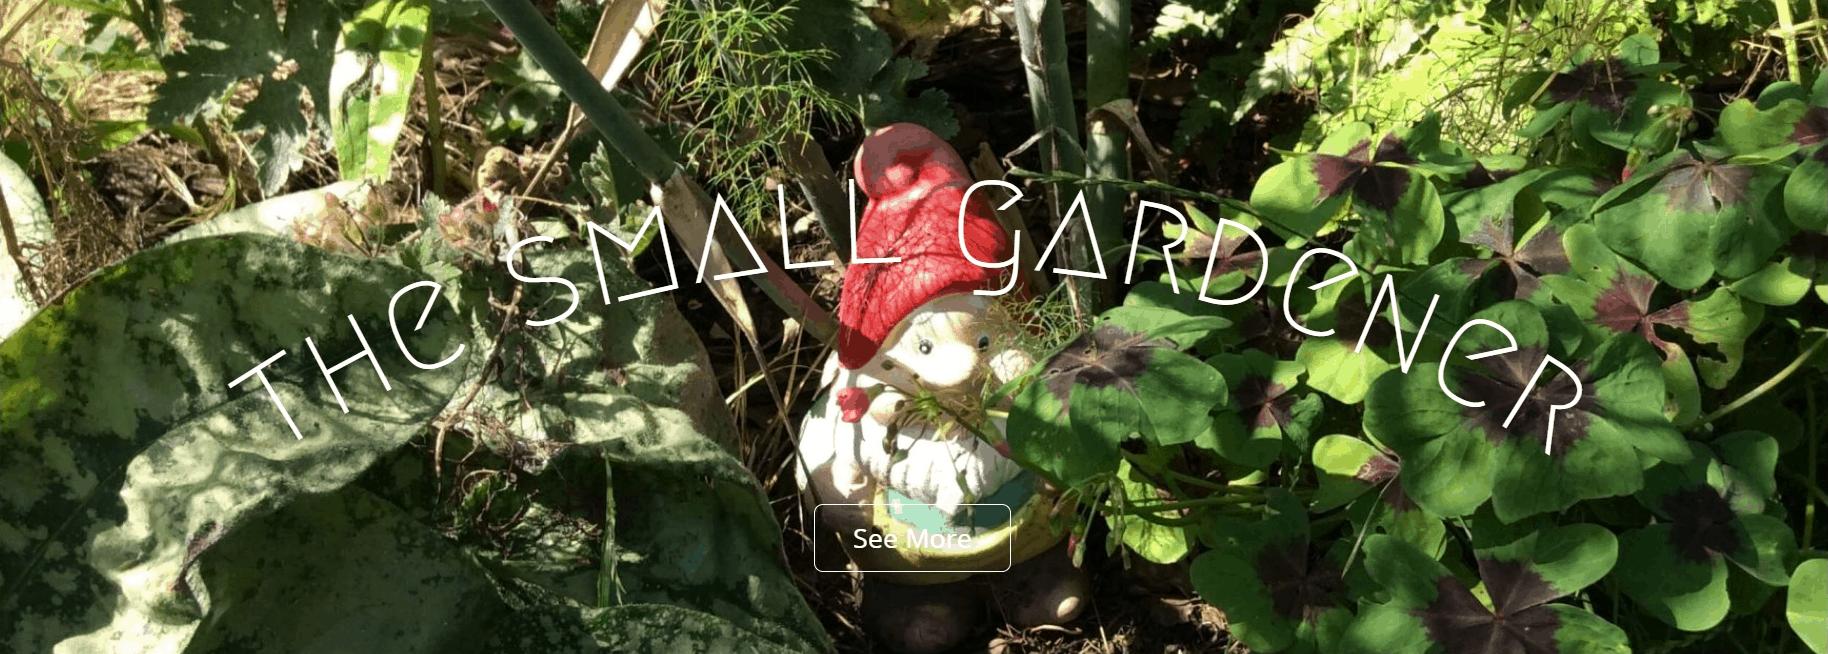 The Small Gardener blog banner